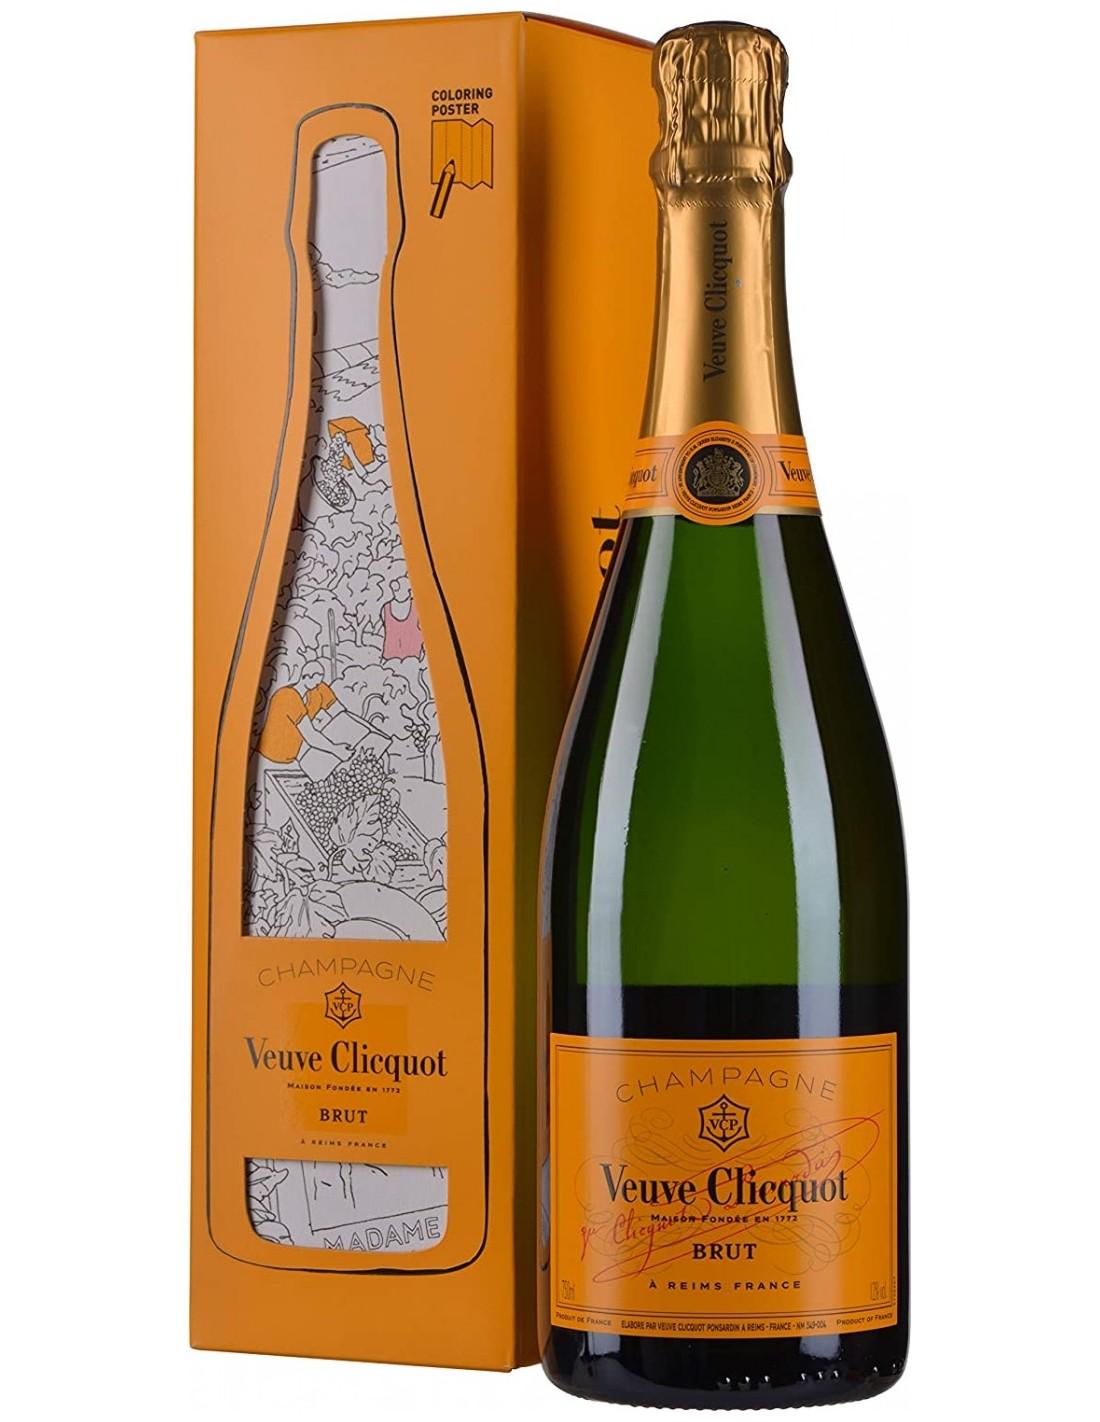 Sampanie Veuve Clicquot Brut Champagne + Poster de colorat pentru copii, 12% alc., 0.75L, Franta